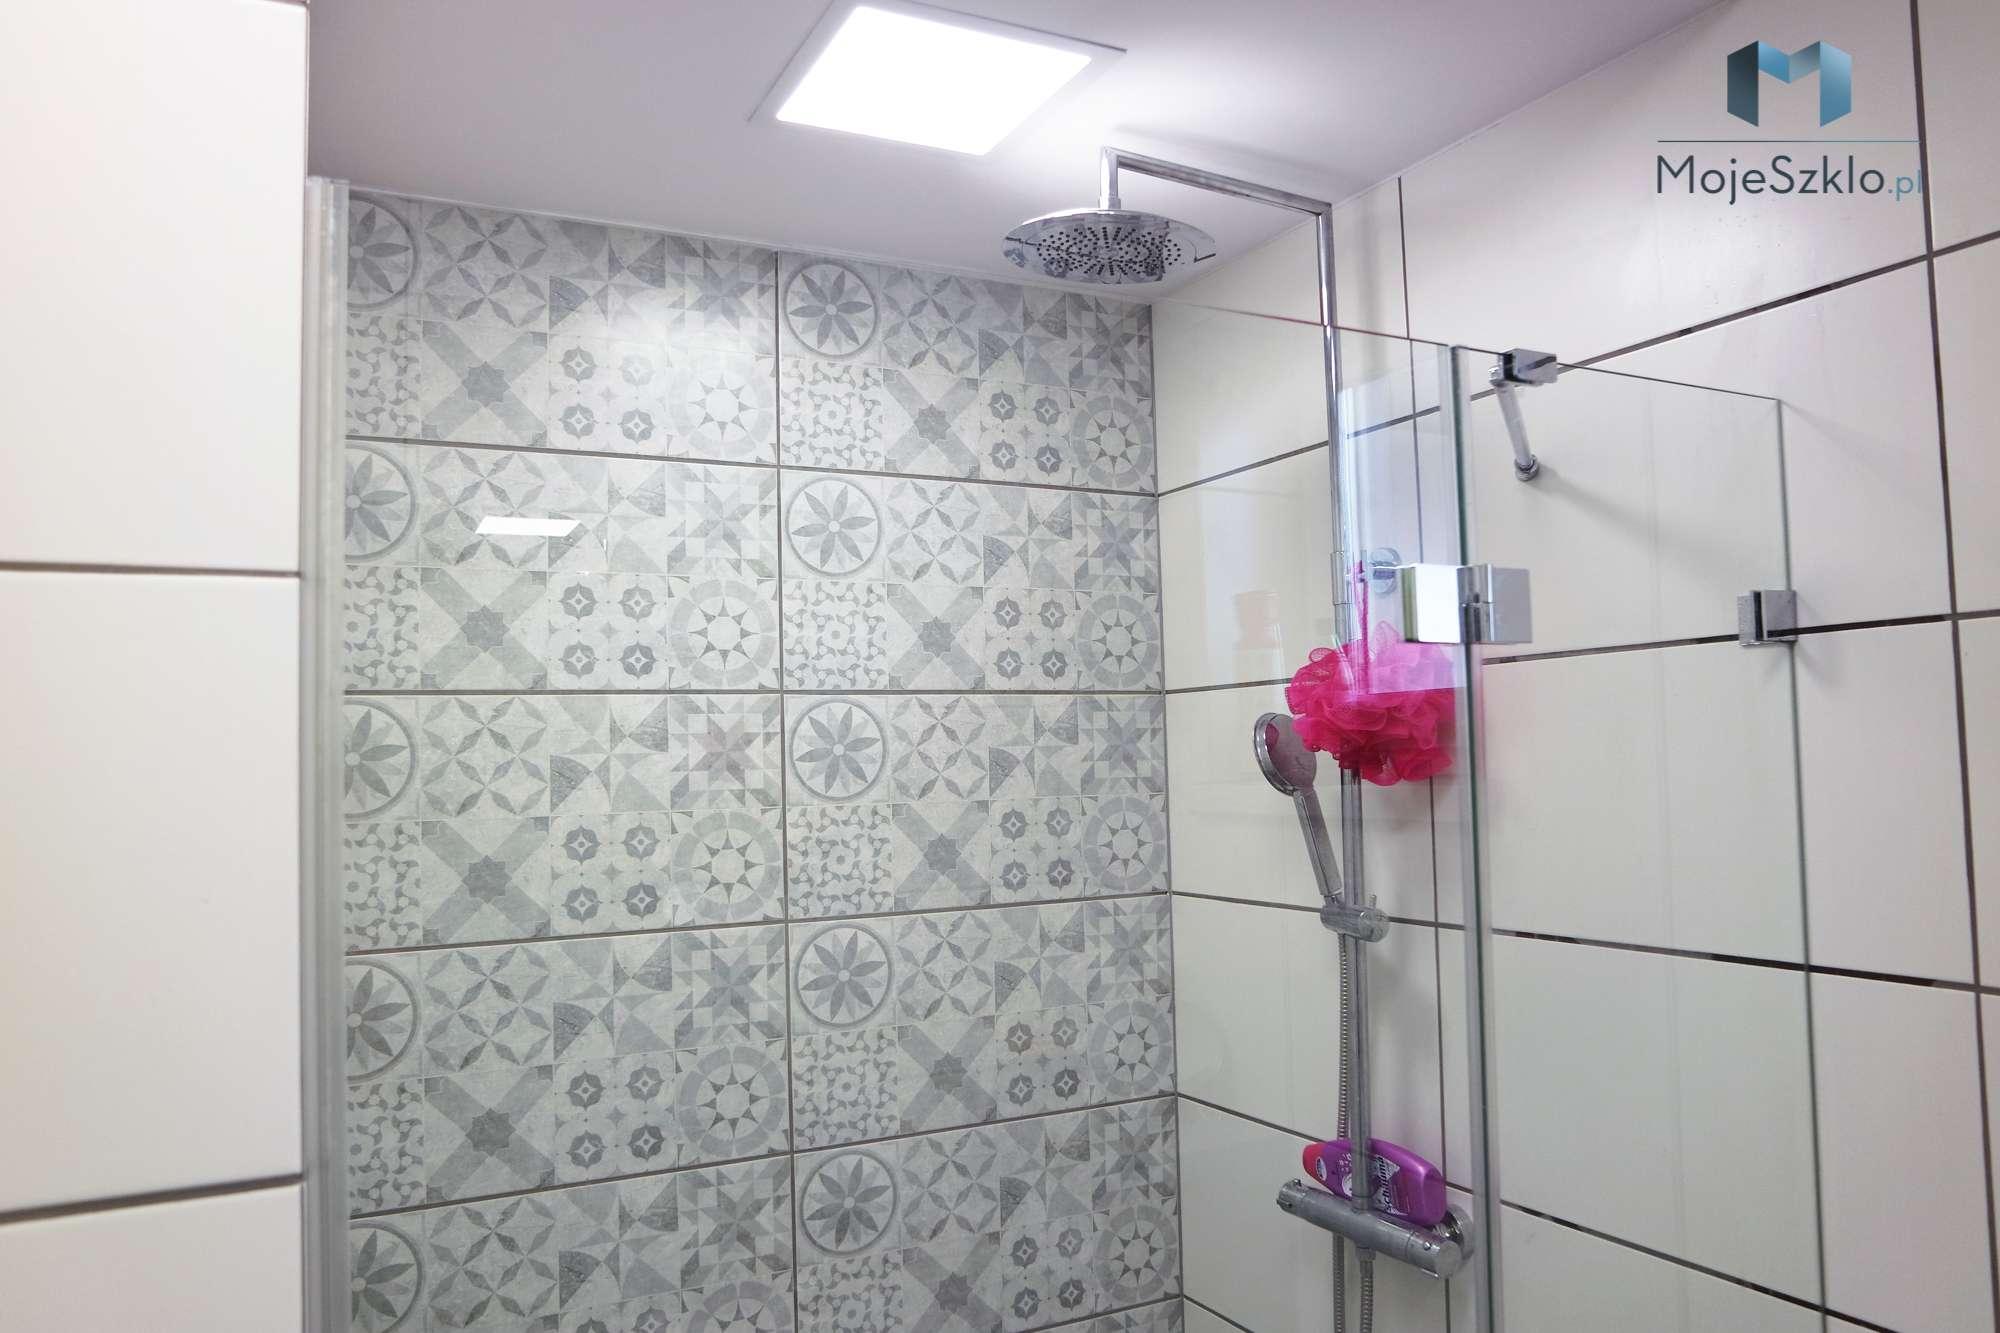 Krakow Kabiny Prysznicowe - Parsol / Antisol - barwione szkło przeźroczyste